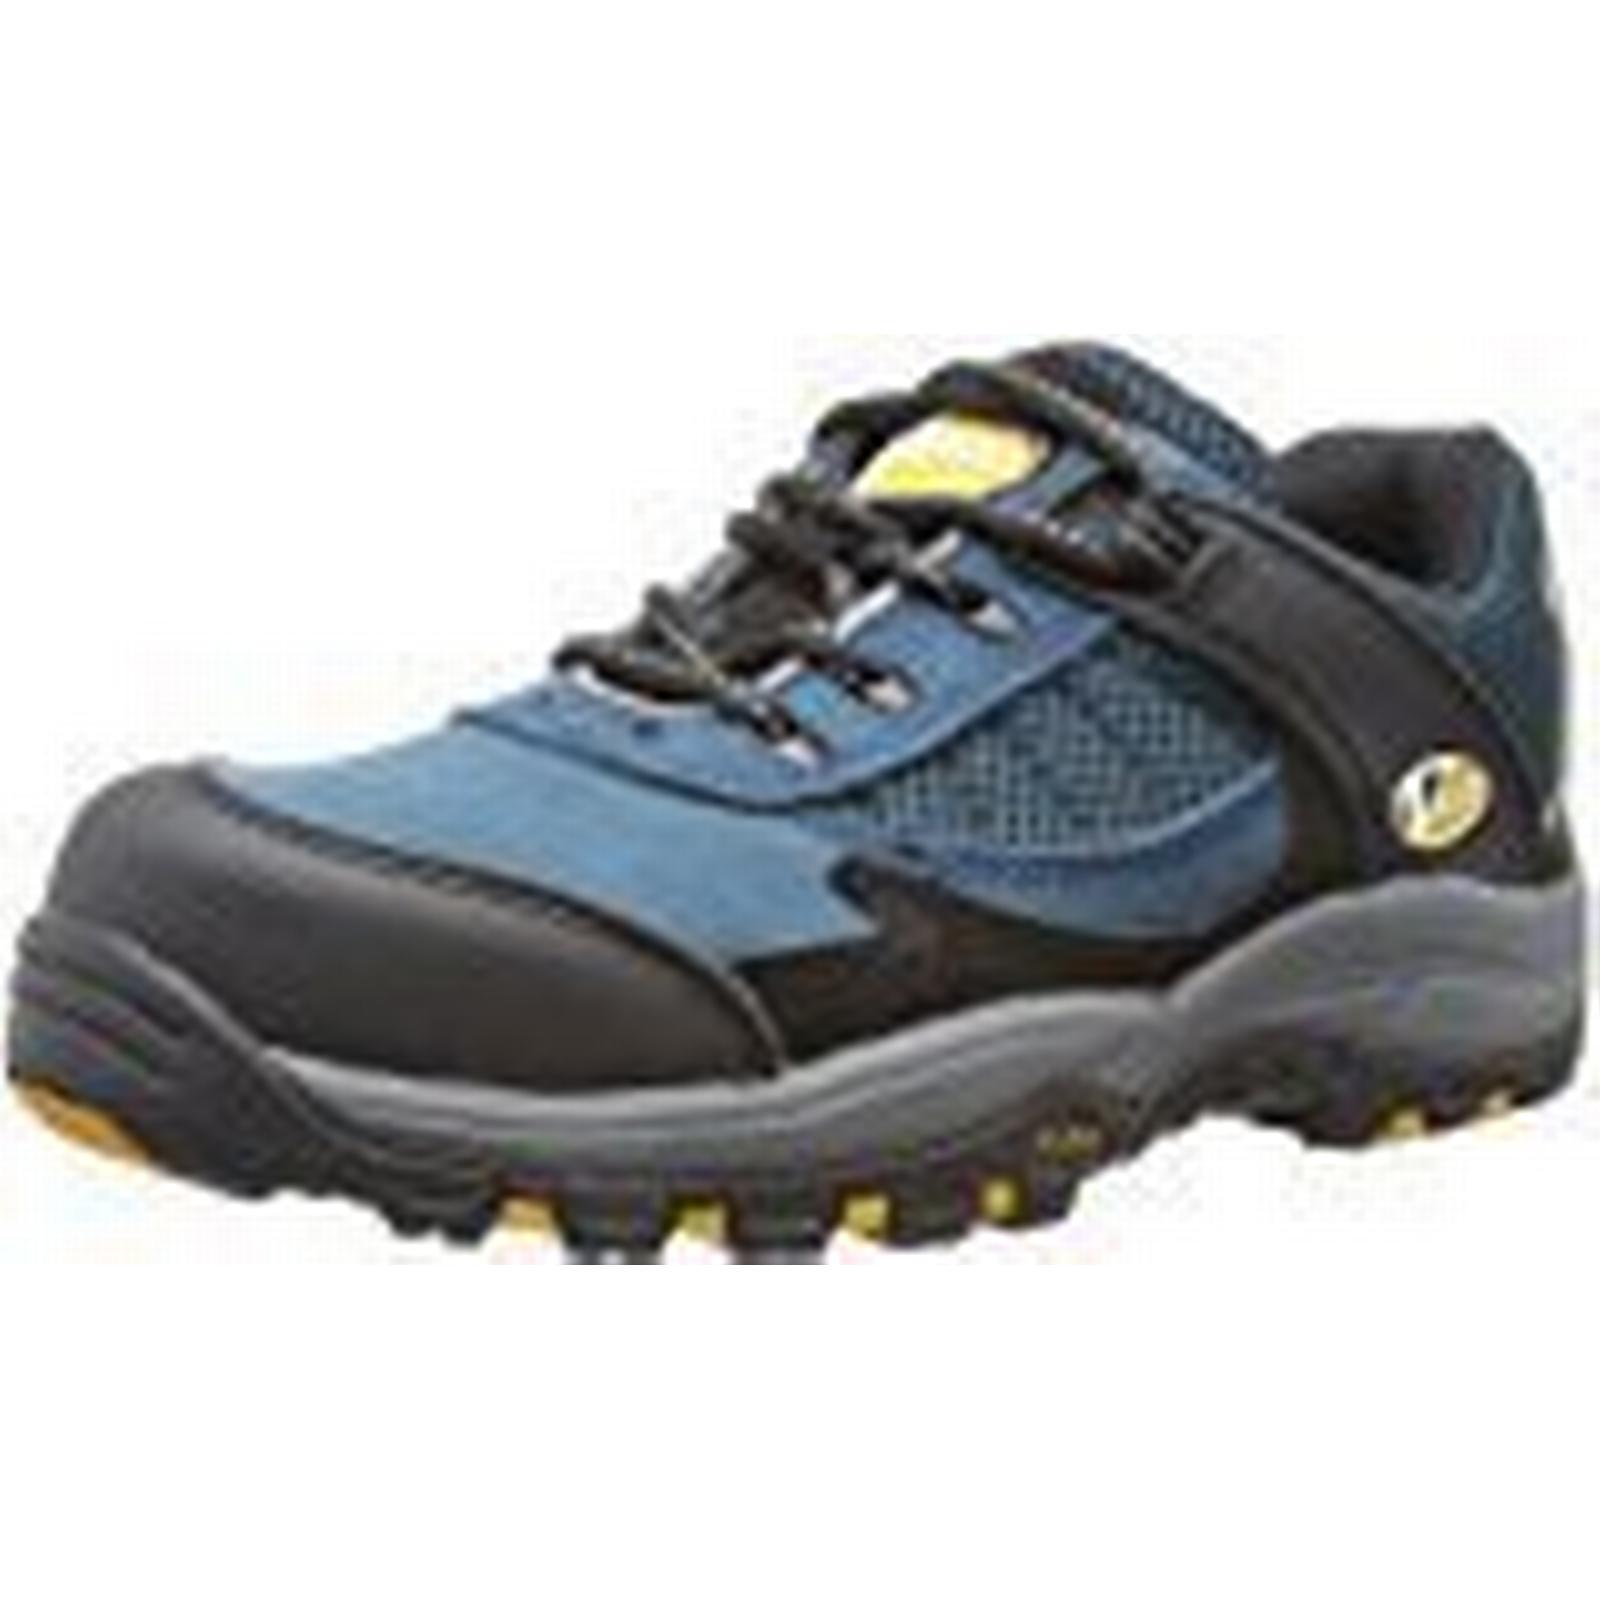 V12 Pitstop, S1 Comfort Fit Safety Blue Trainer, Size 06, Cobalt Blue Safety c3e074